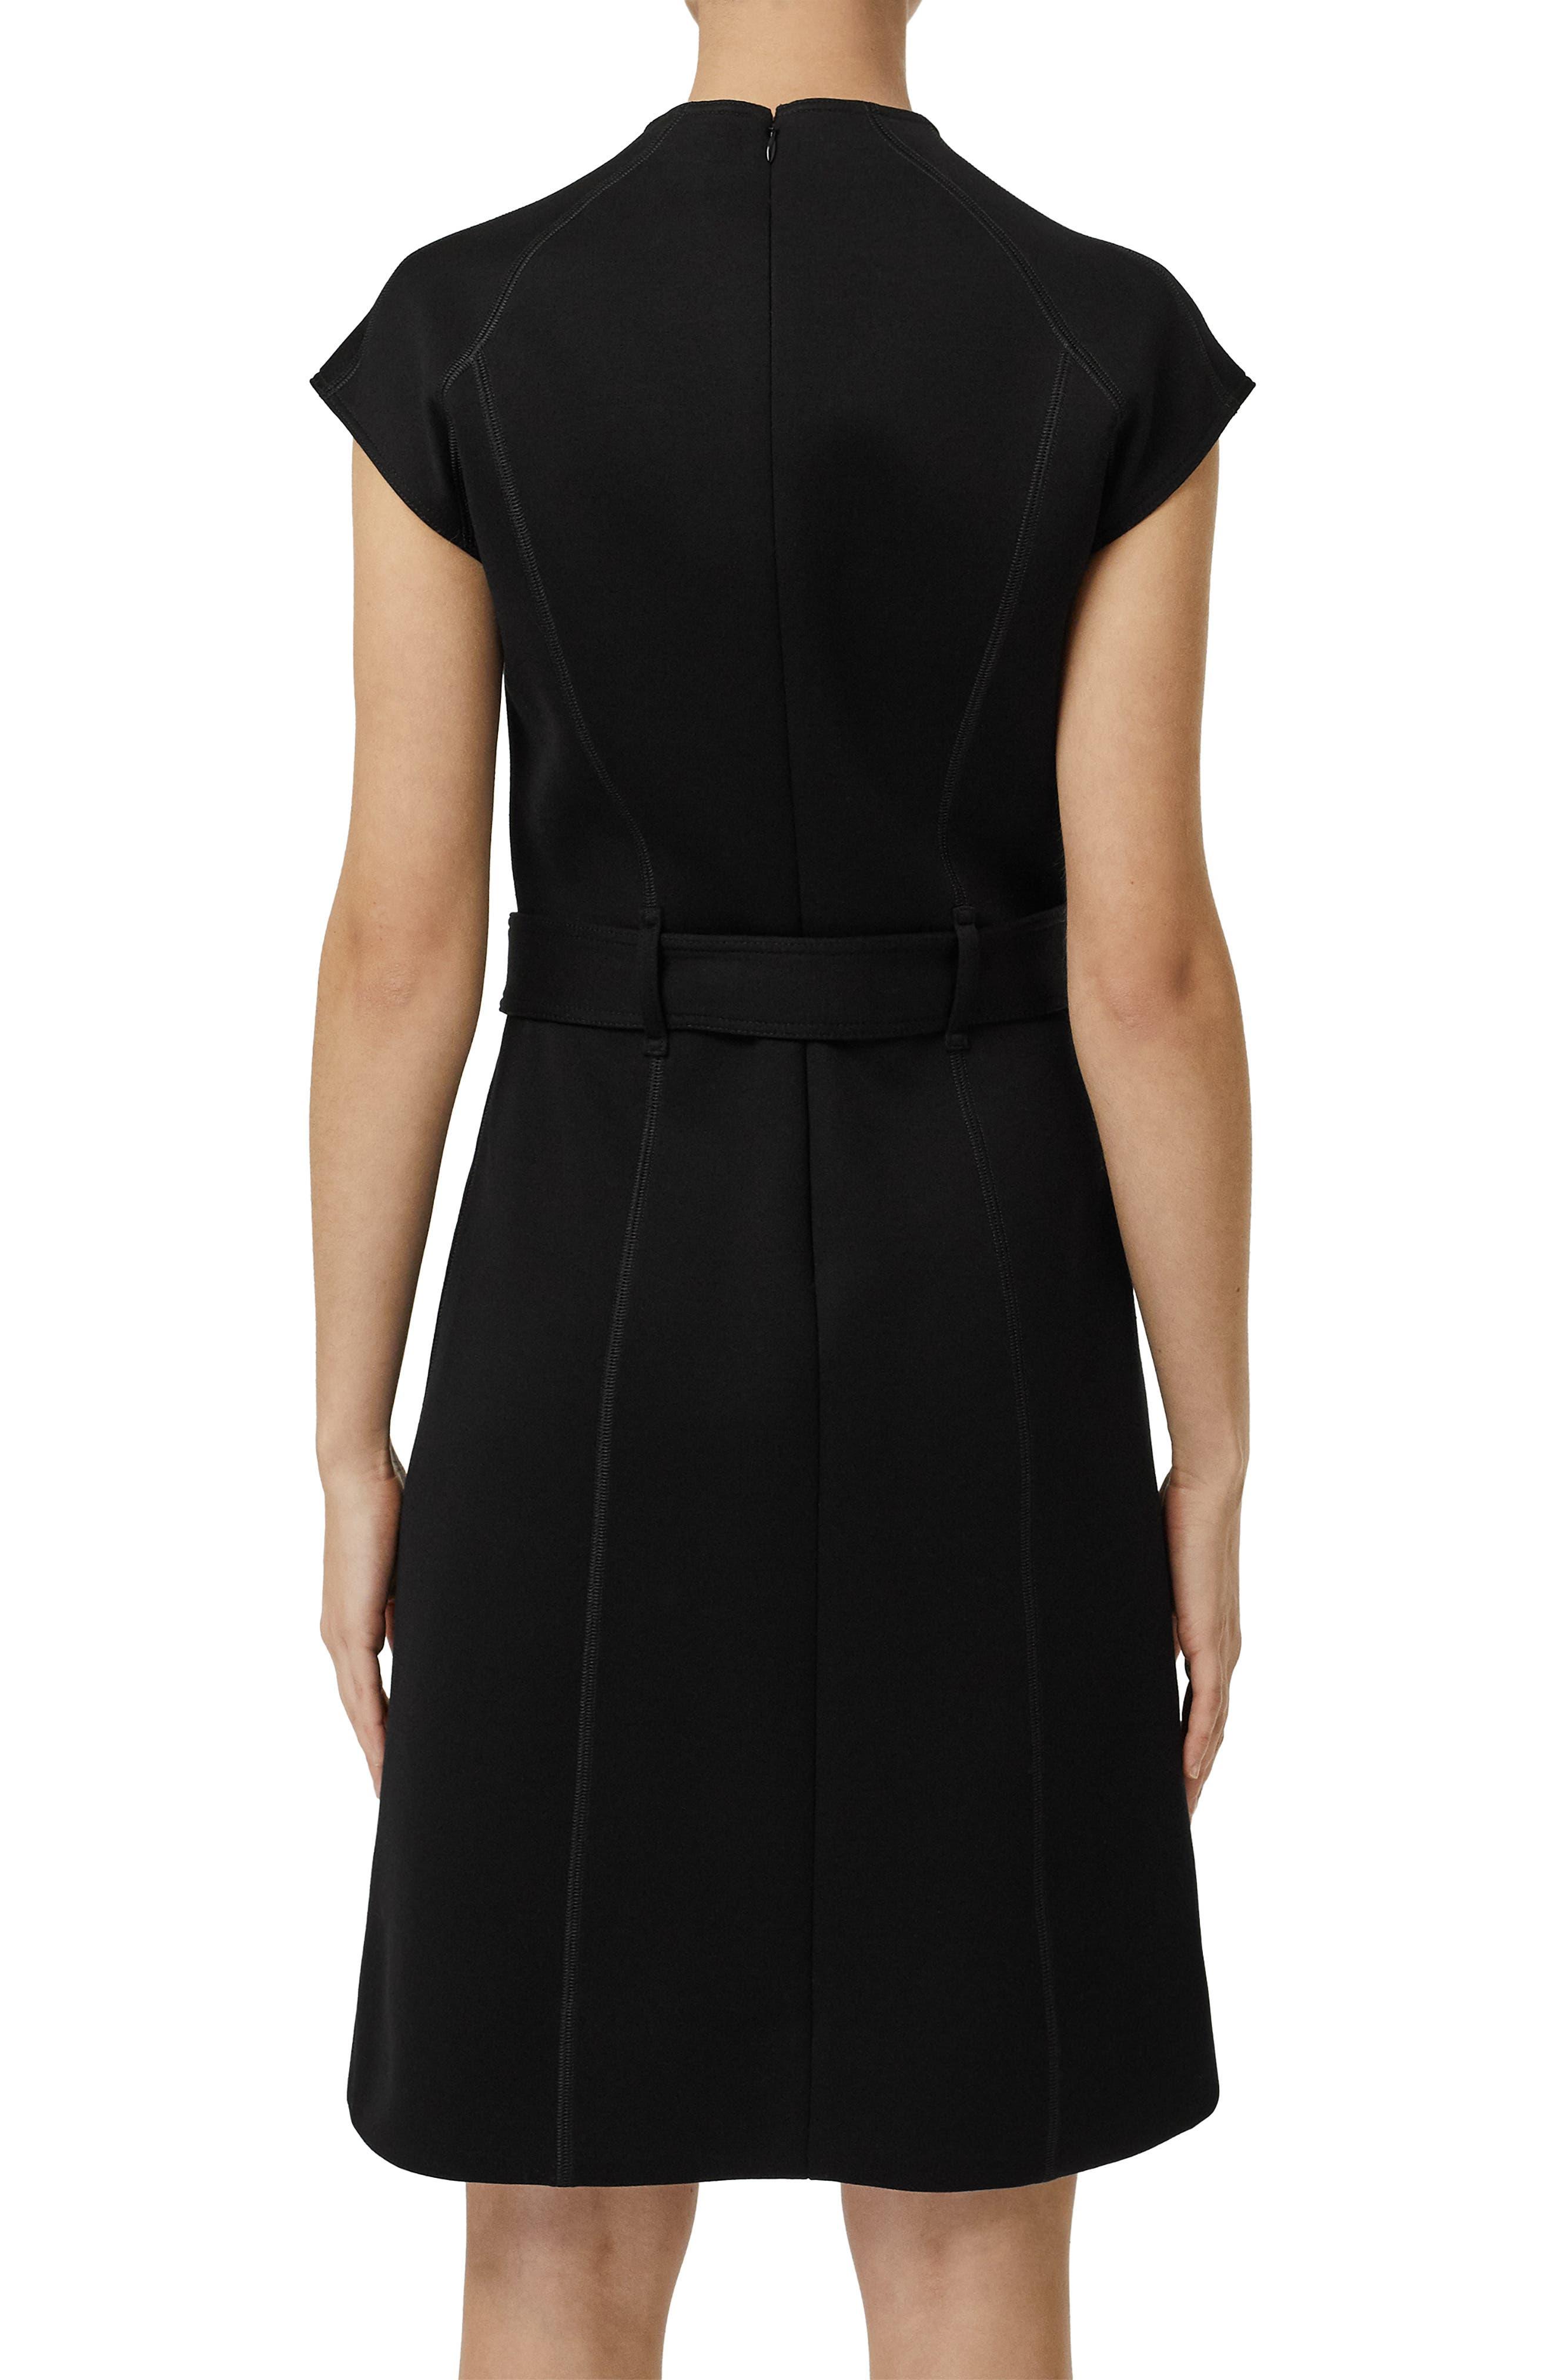 Dulsie D-Ring Detail Bonded Jersey Dress,                             Alternate thumbnail 5, color,                             BLACK